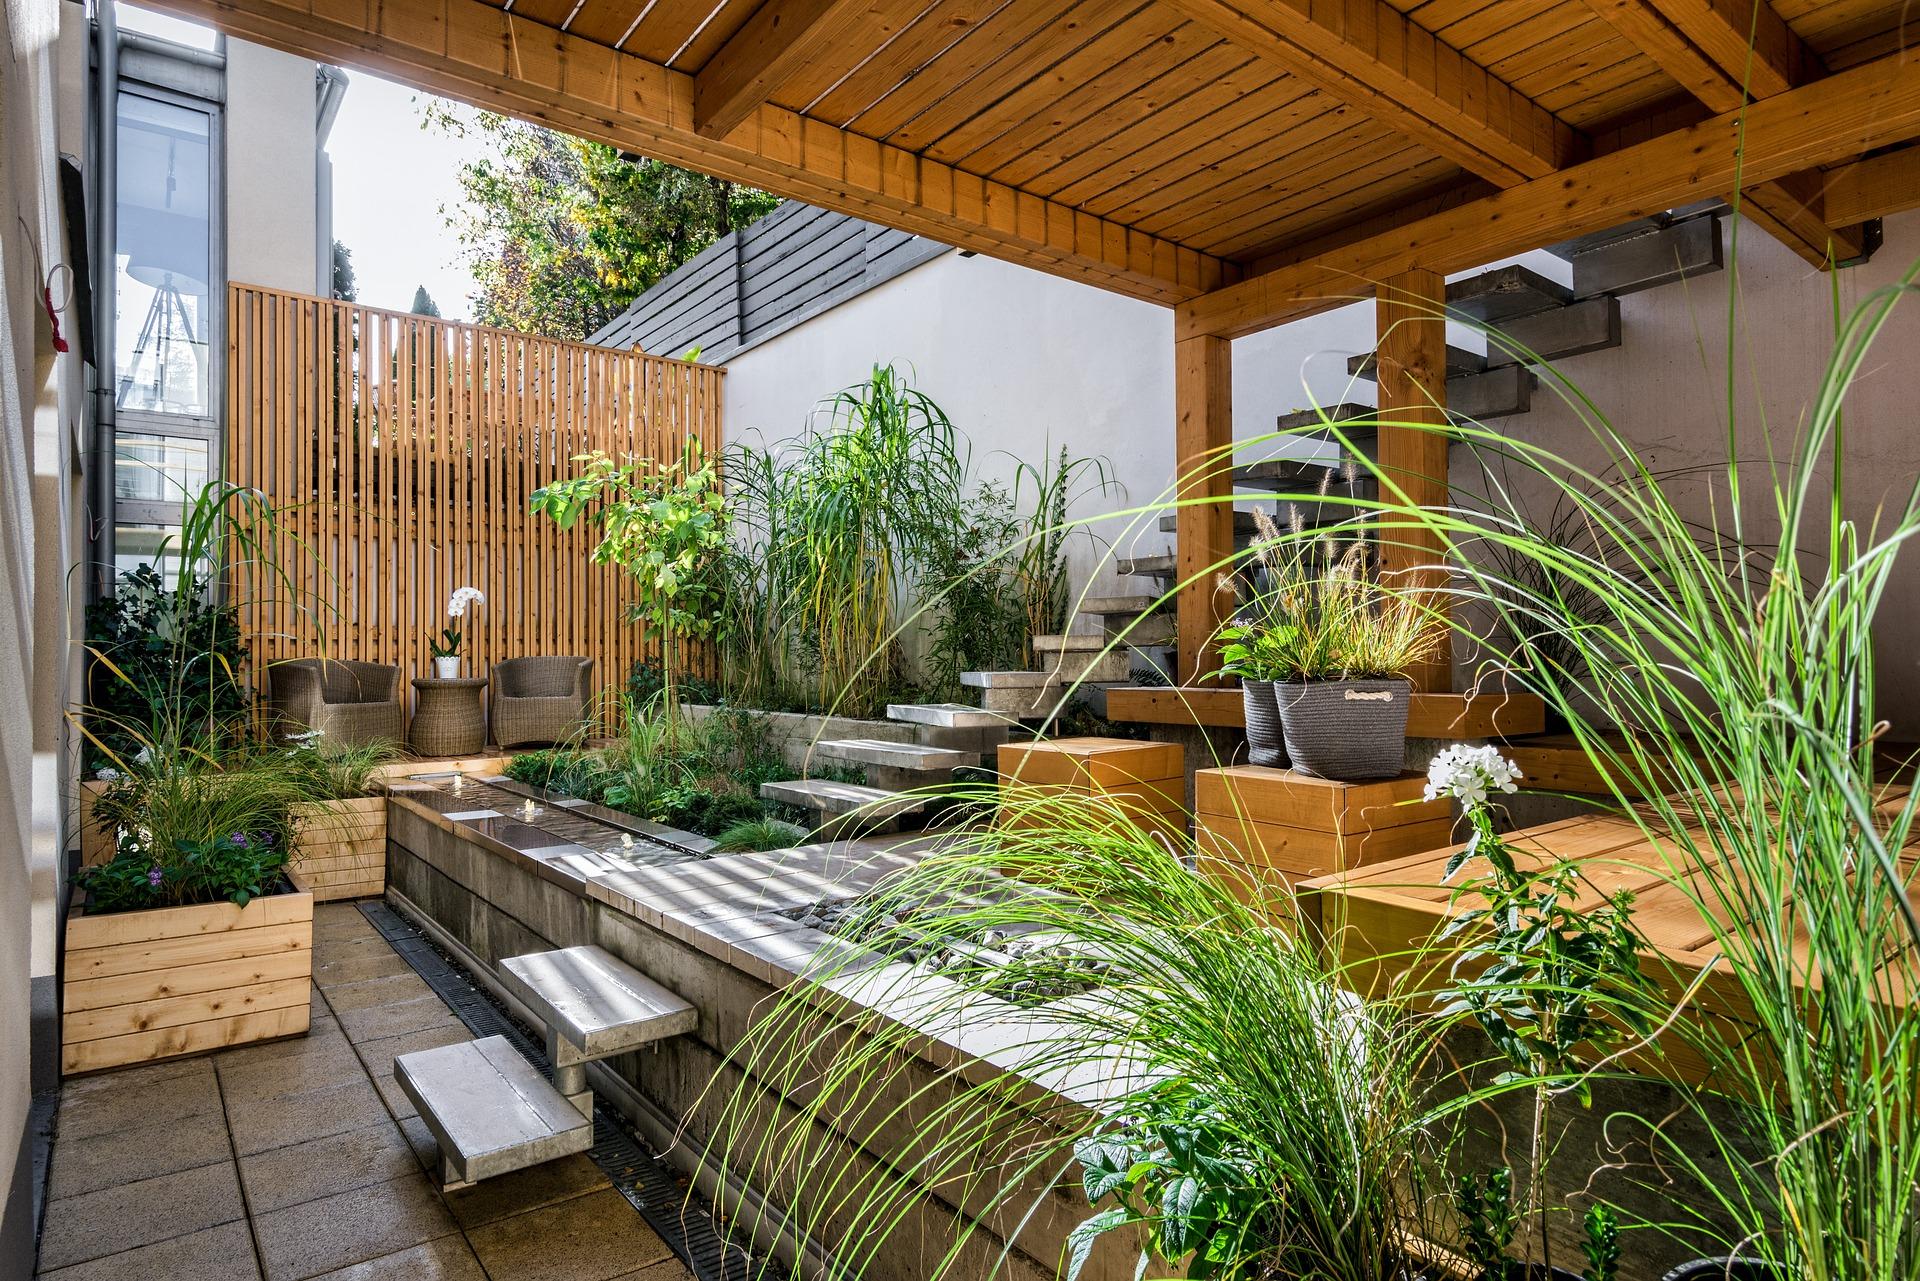 Favorit v oblasti záhradnej dekorácie – RATANOVÝ KVETINÁČ